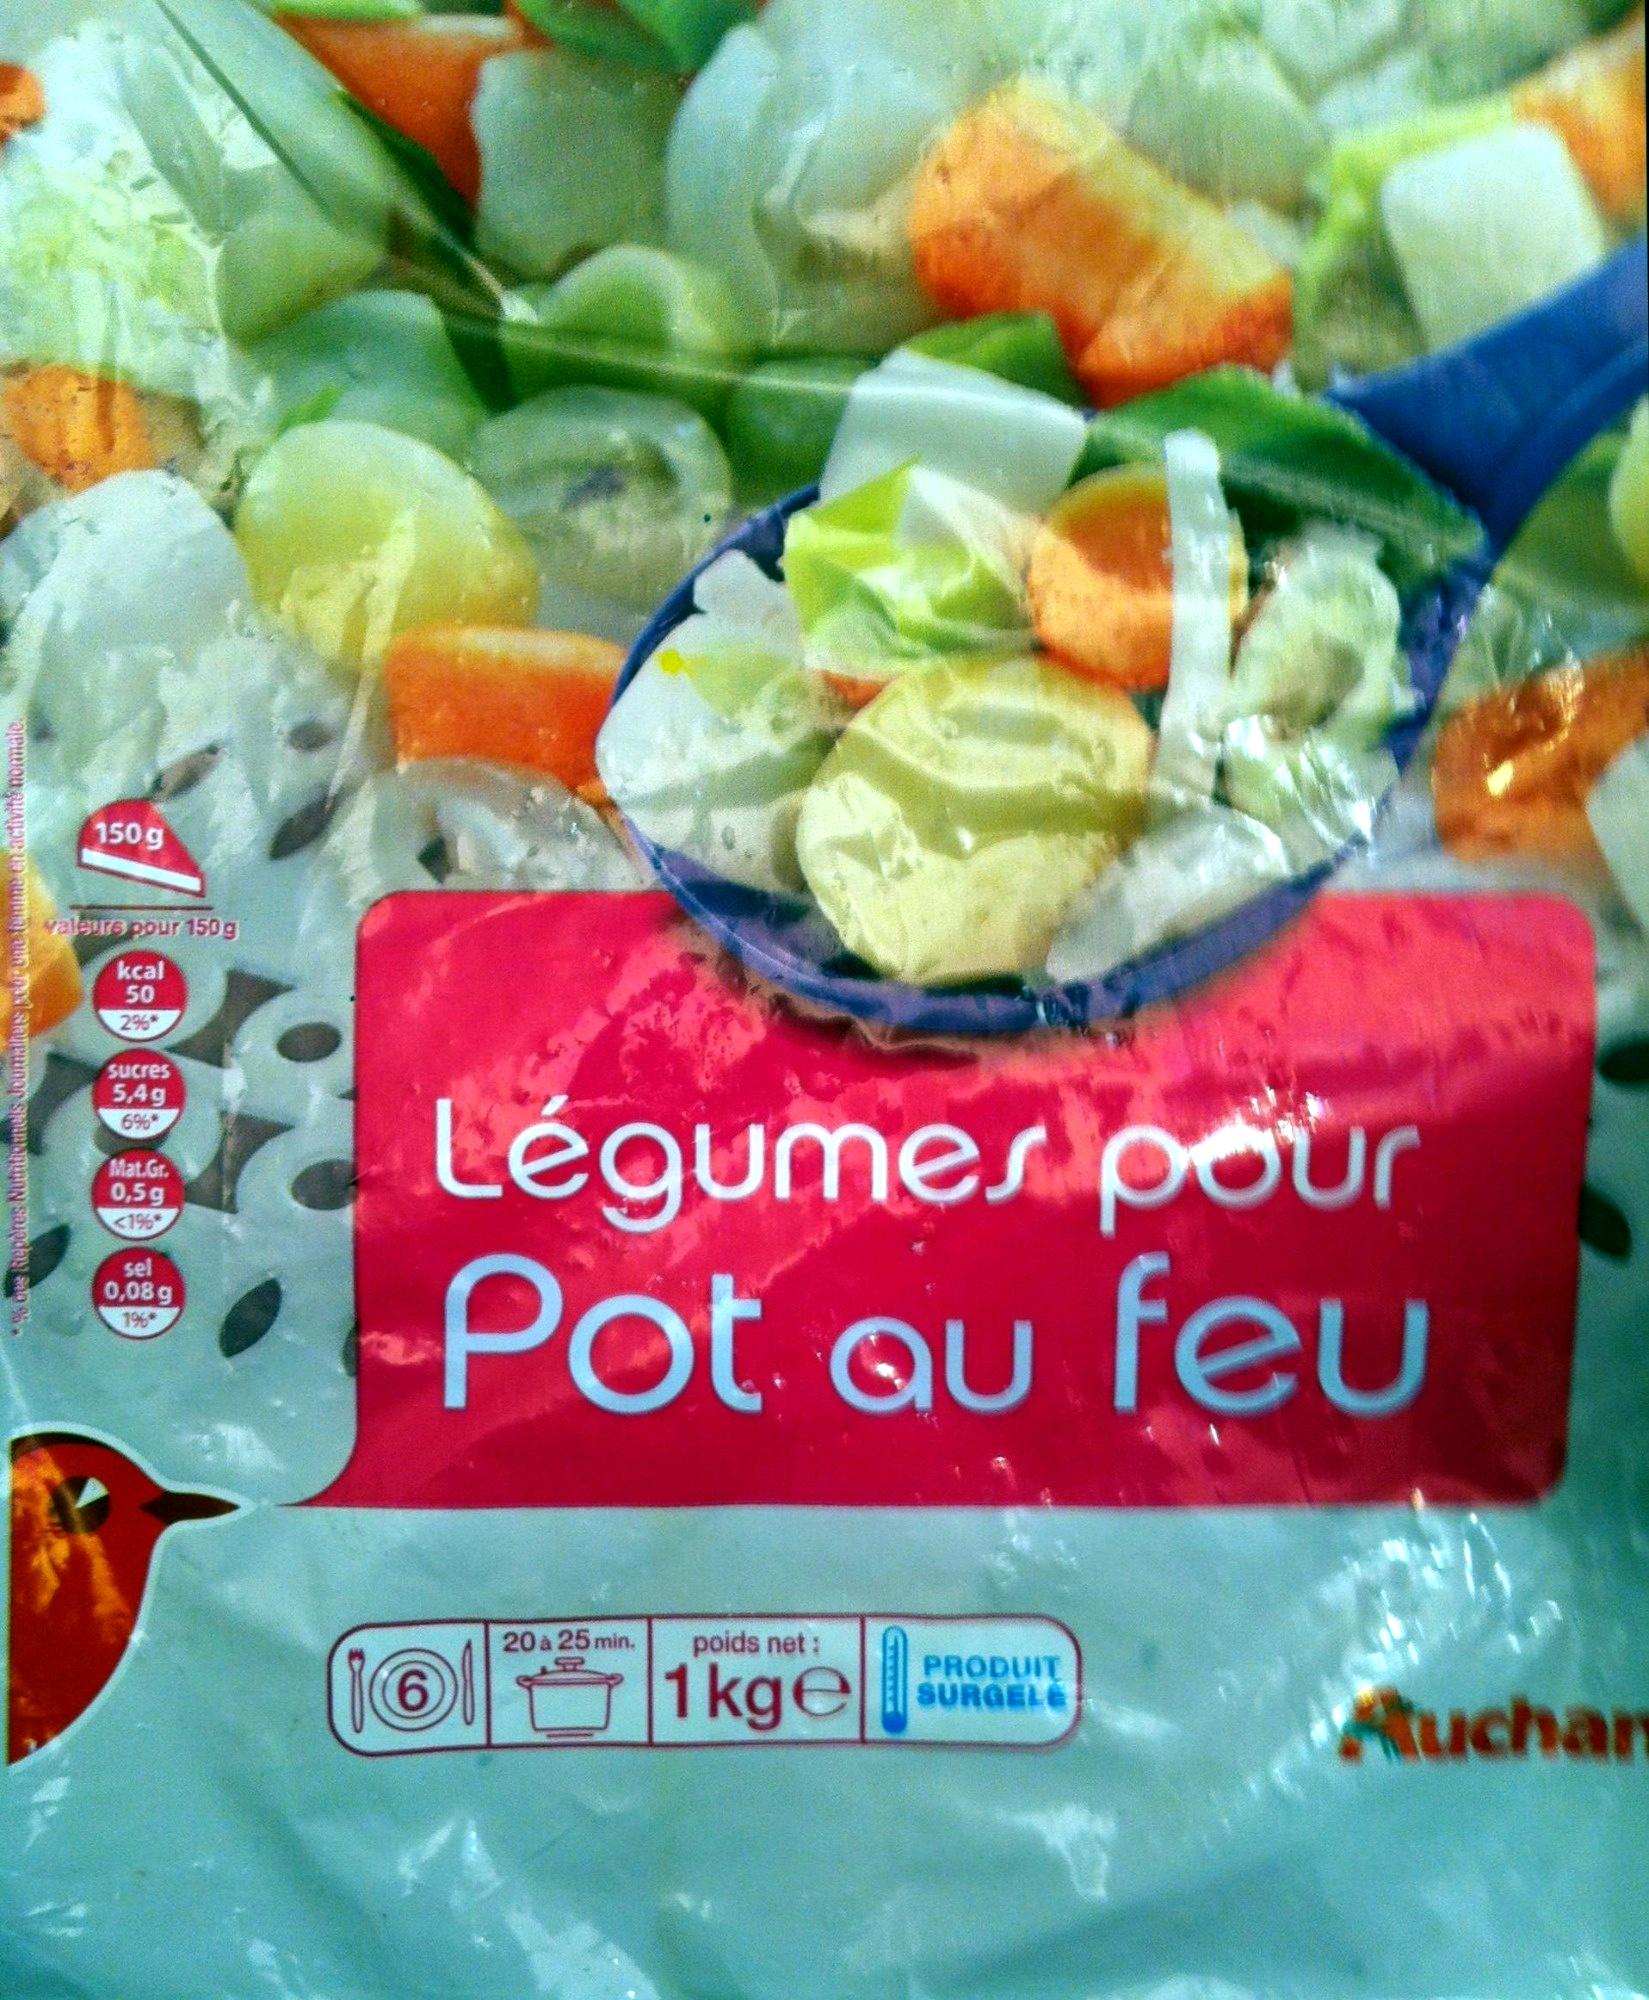 Légumes pour pot au feu - Produit - fr